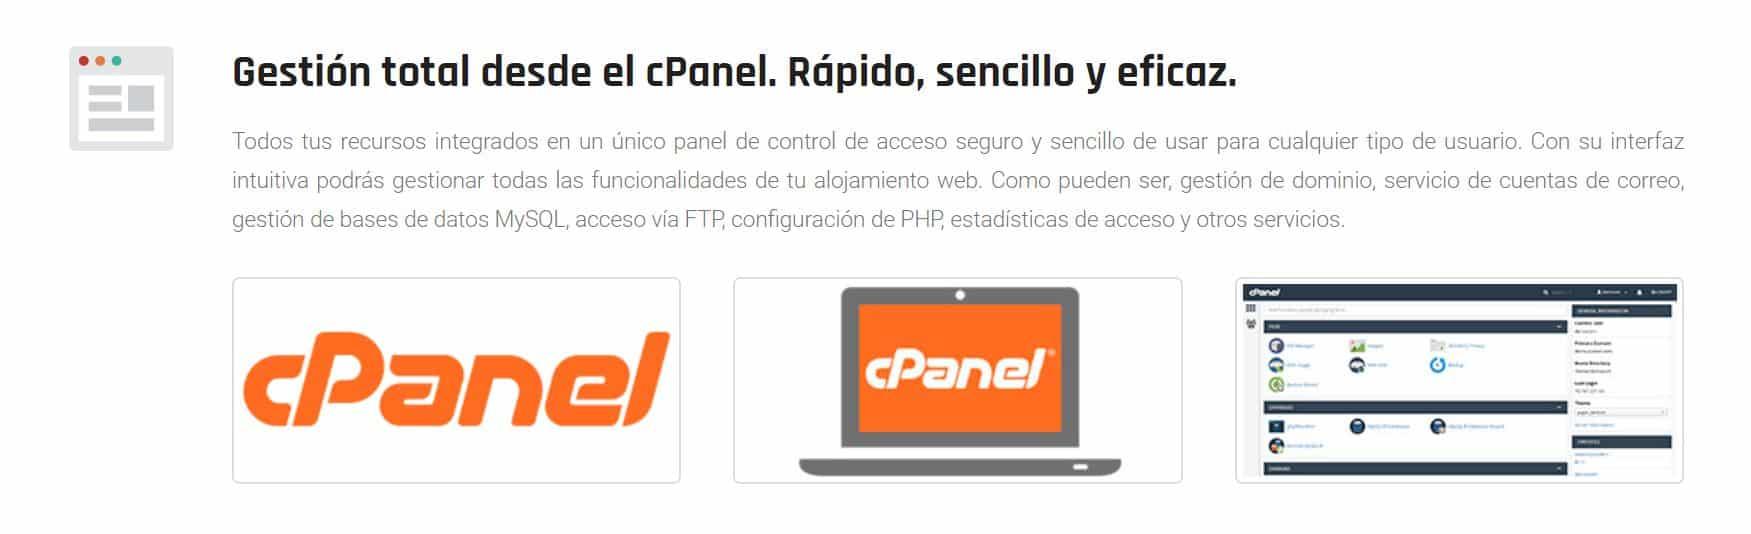 Es posible utilizar este hosting con cPanel.